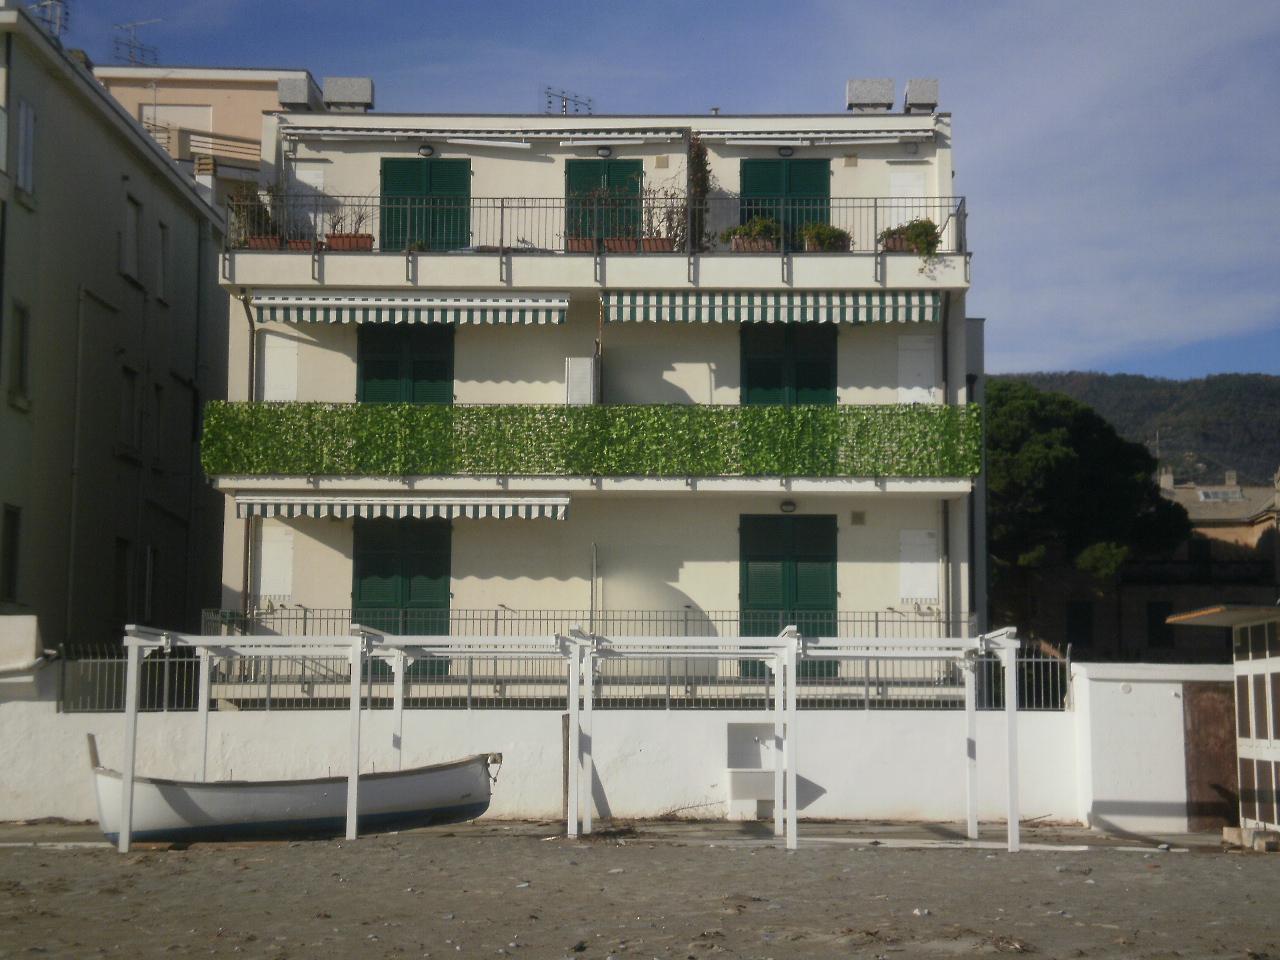 Architetti Savona Elenco 2011 casa a spotorno (prov. savona) - studio di architettura